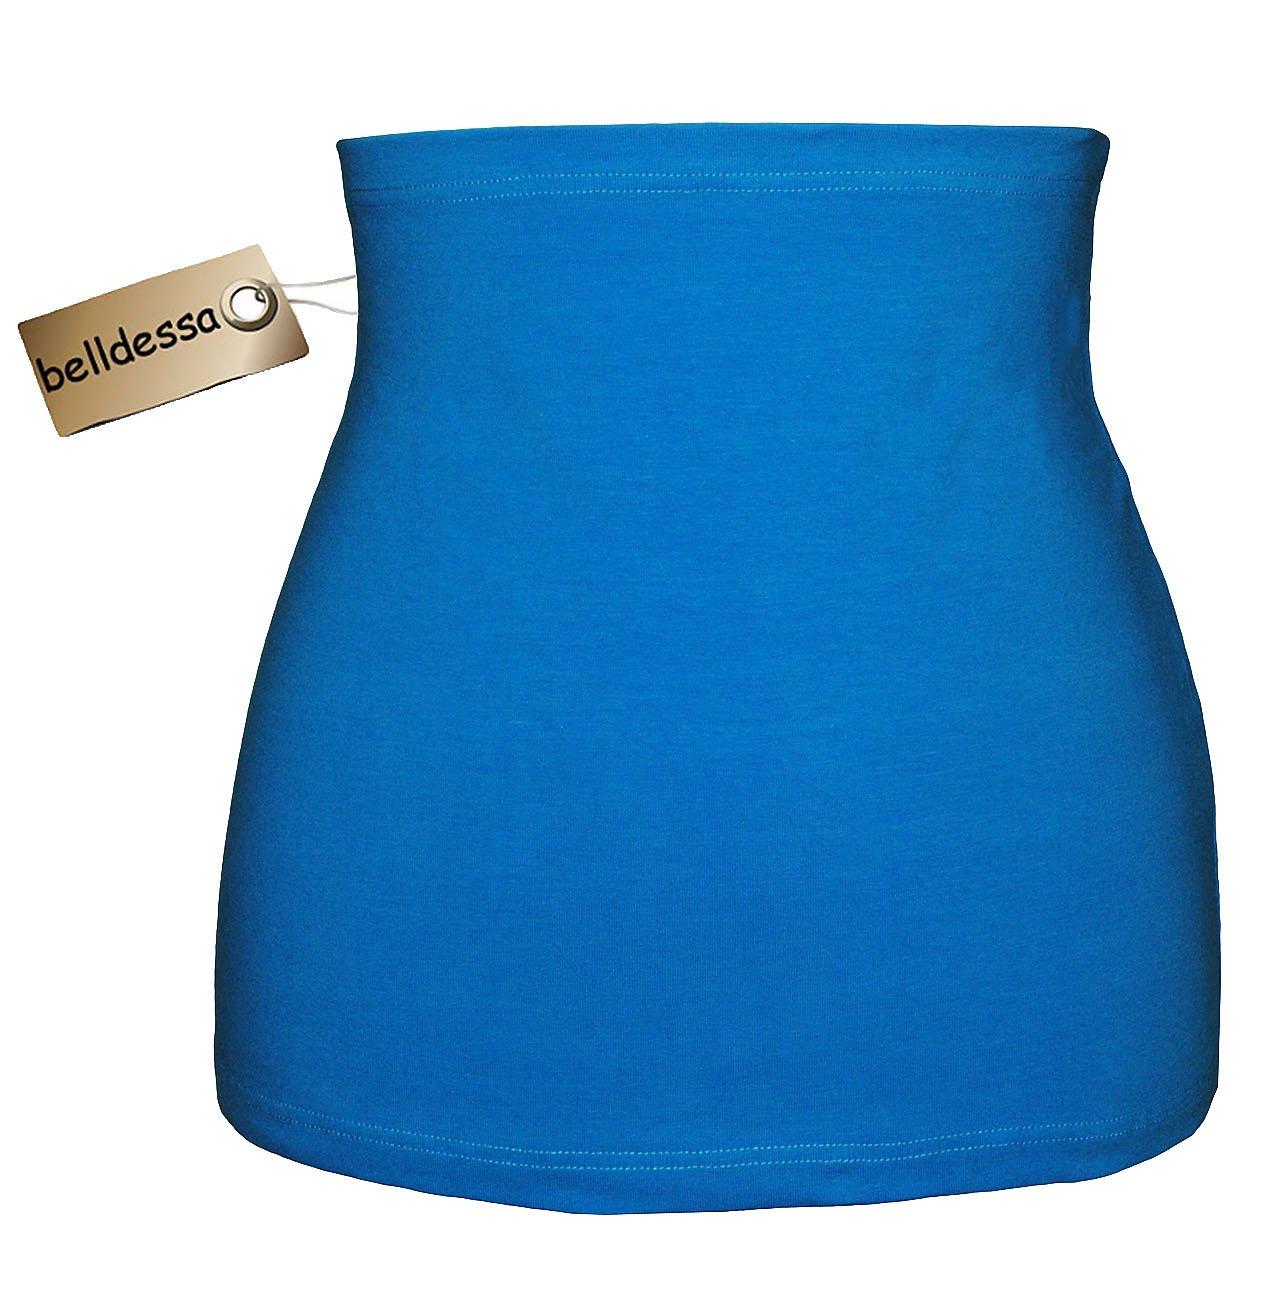 azur // t/ürkis blau Jersey Baumwolle ideal auch f/ür Blasenentz/ündung und Hexenschuss // R/ückenschmerzen // Men Gr/ö/ße: Damen Frauen XS Nierenw/ärmer // R/ückenw/ärmer // Bauchw/ärmer // Shirt Verl/ängerer